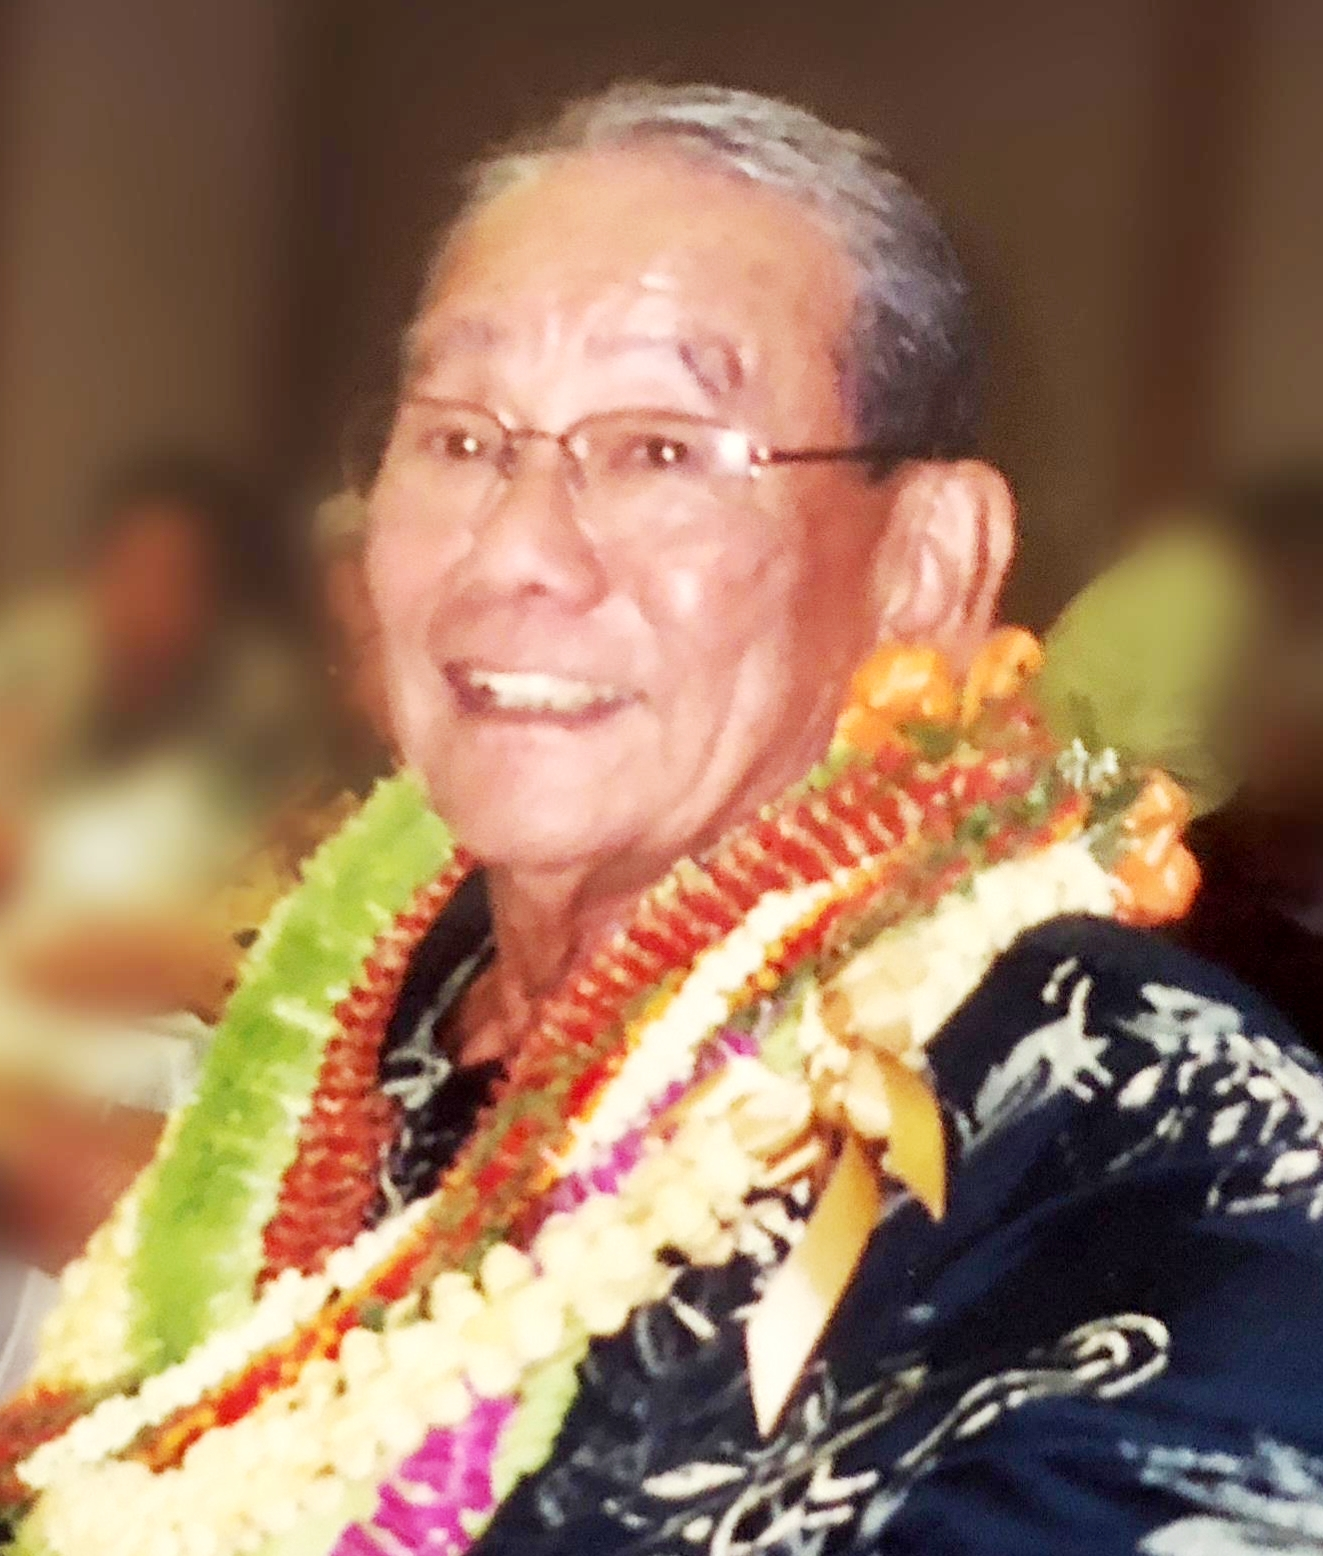 YOSHINOBU MIYAHIRA